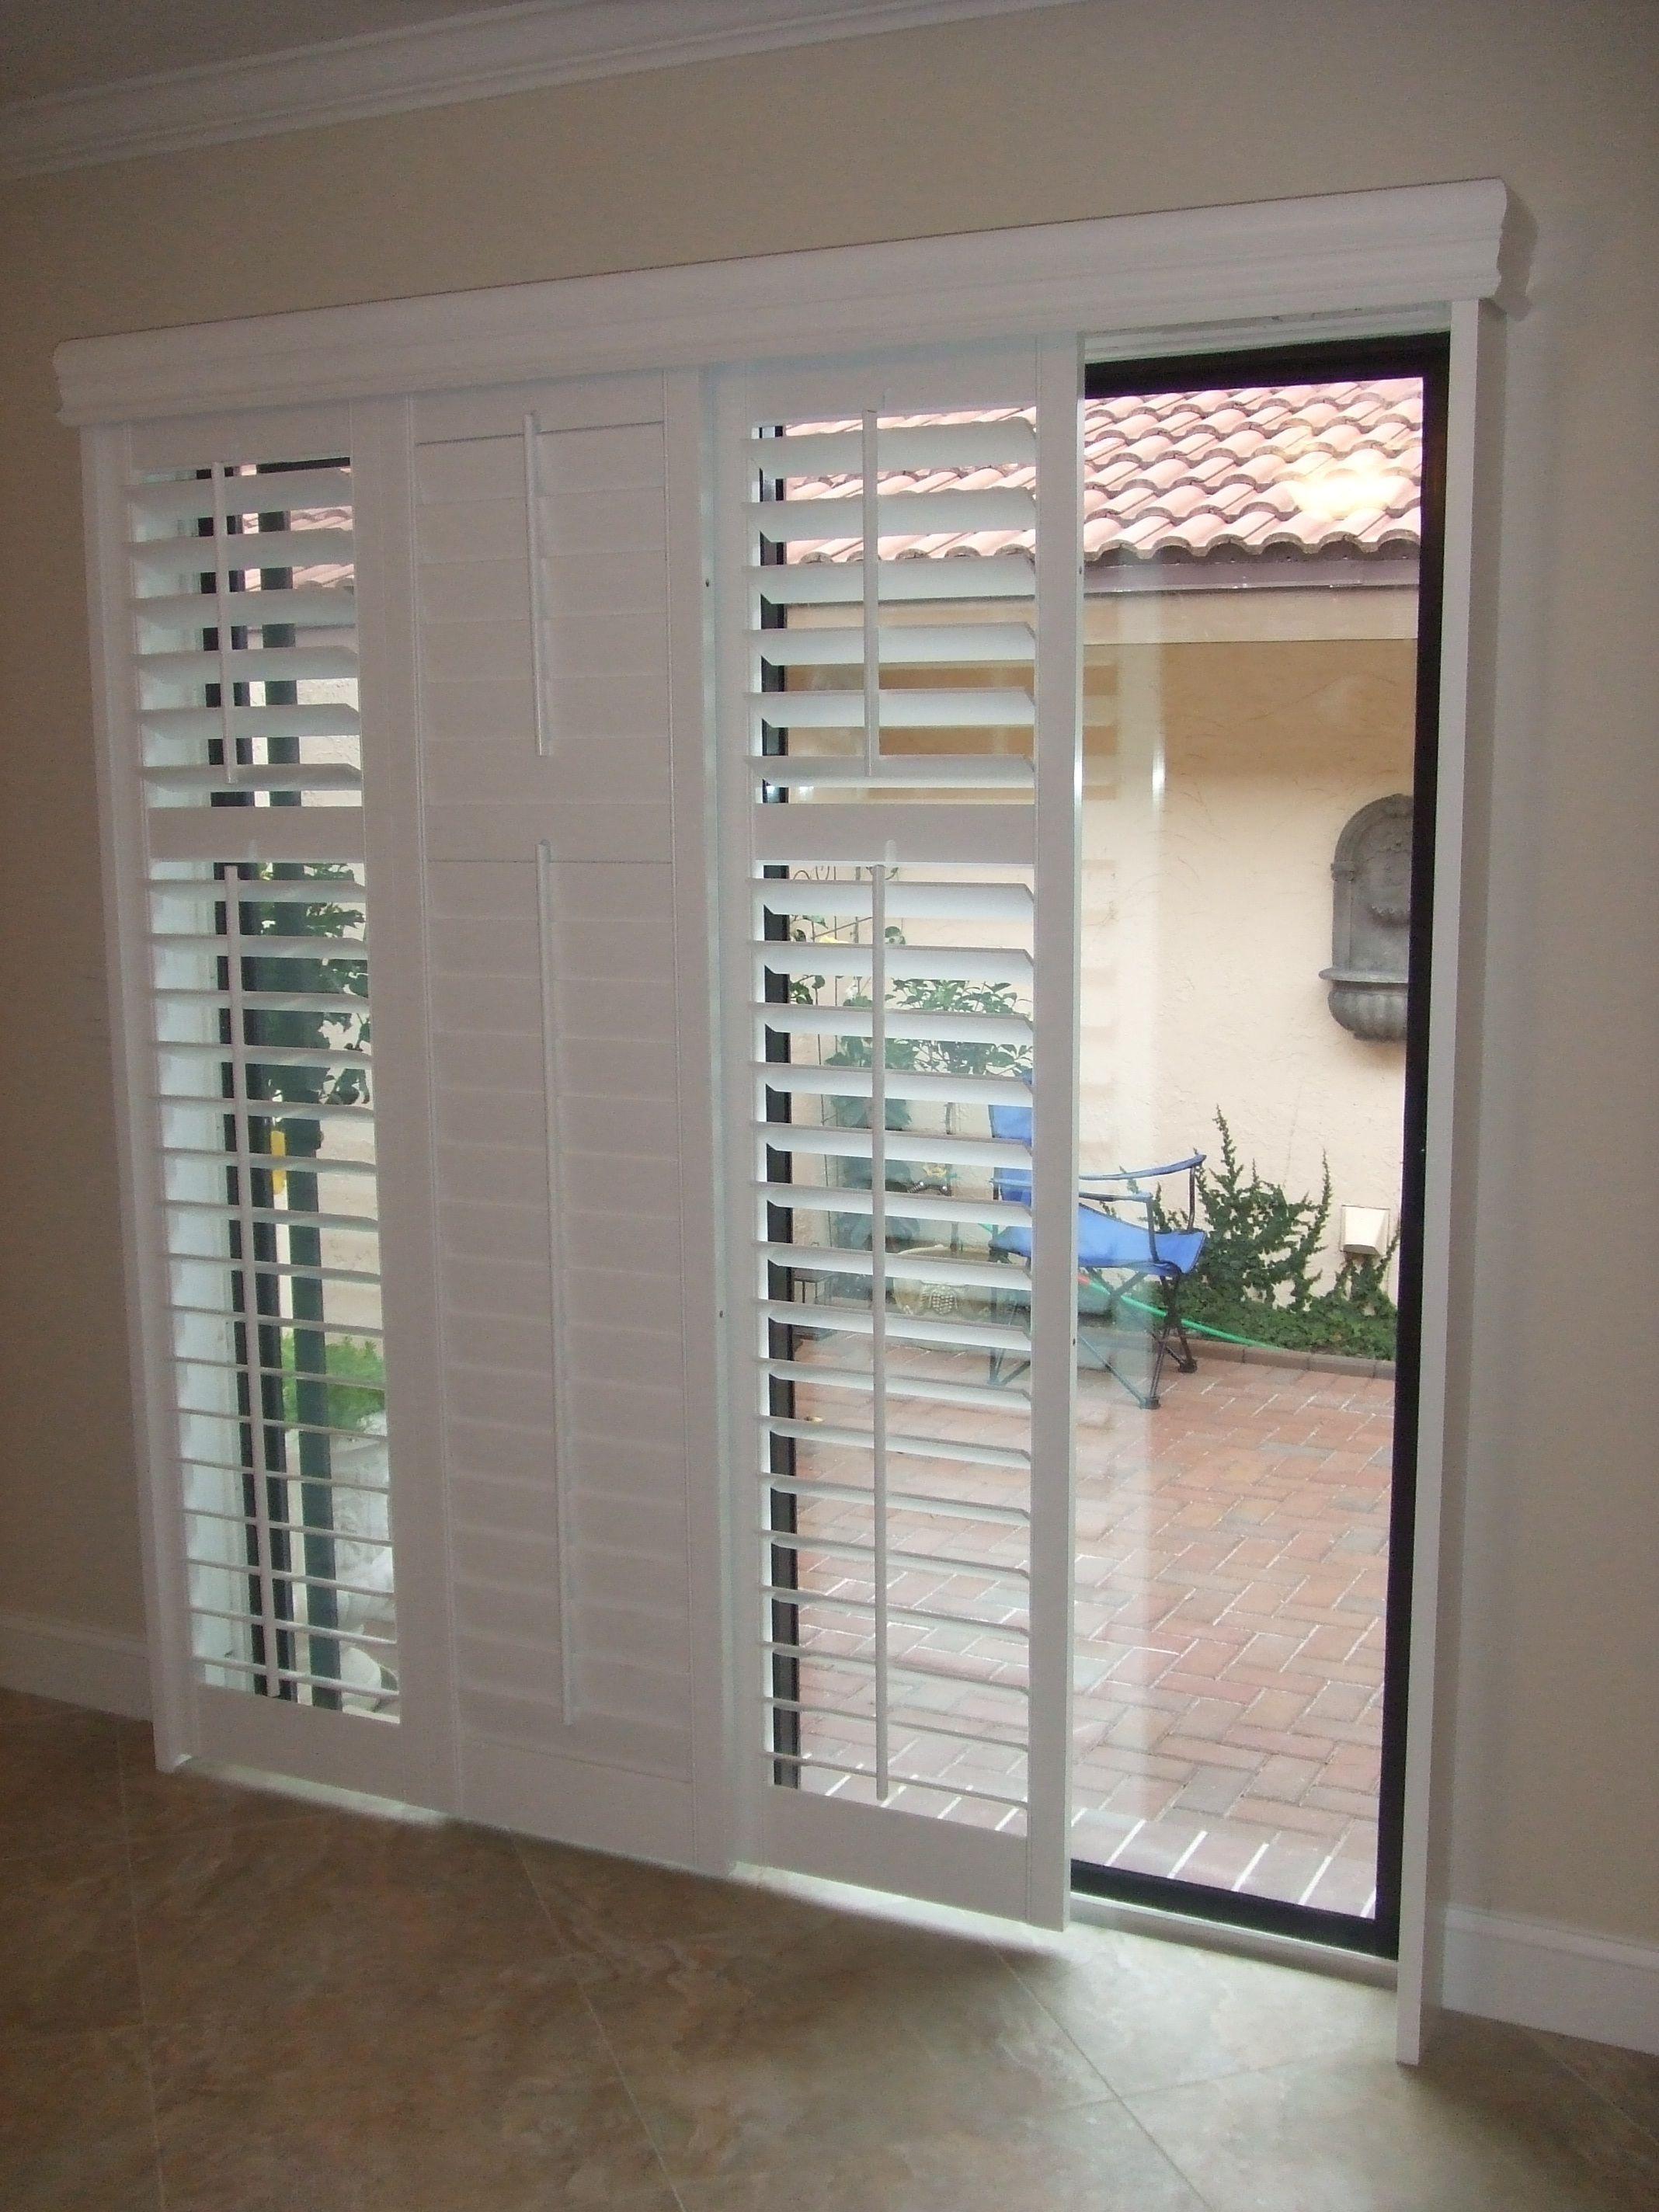 Get Blinds For Sliding Doors For Privacy Sliding Glass Door Shutters Patio Door Coverings Door Coverings